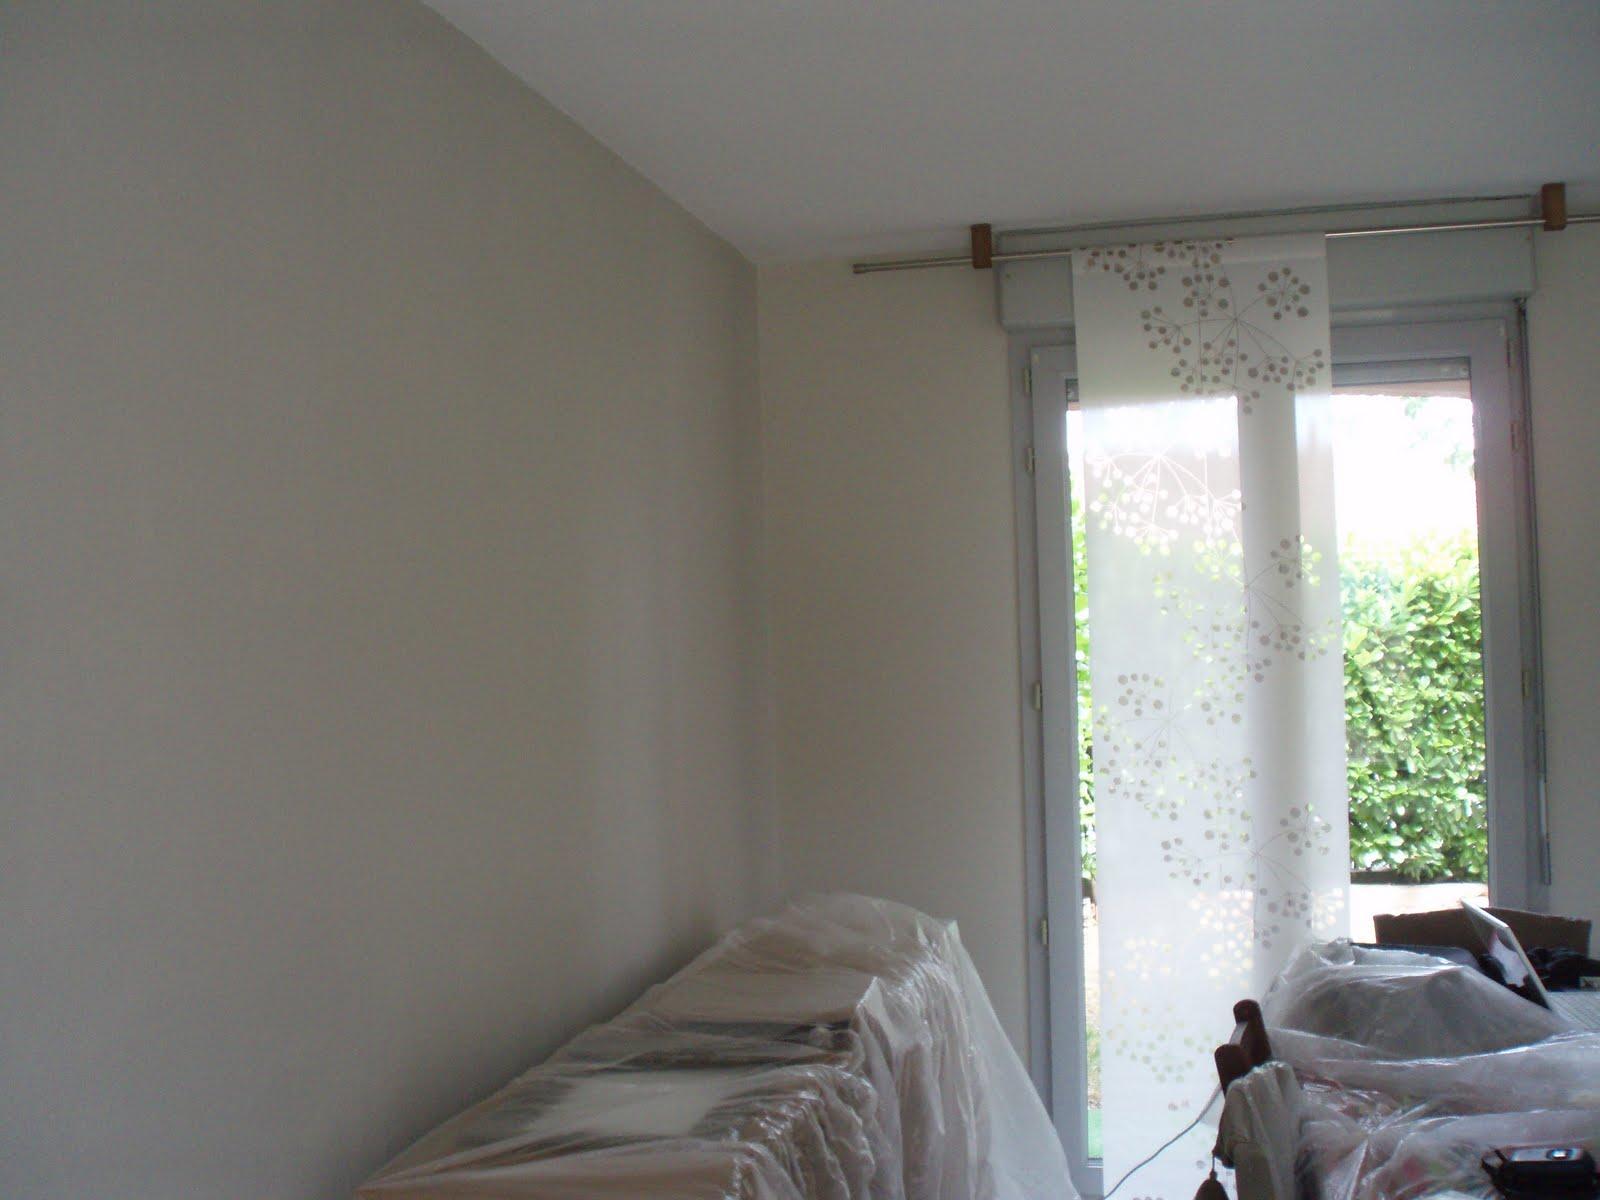 1 t te et 2 mains pour penser et pour faire. Black Bedroom Furniture Sets. Home Design Ideas